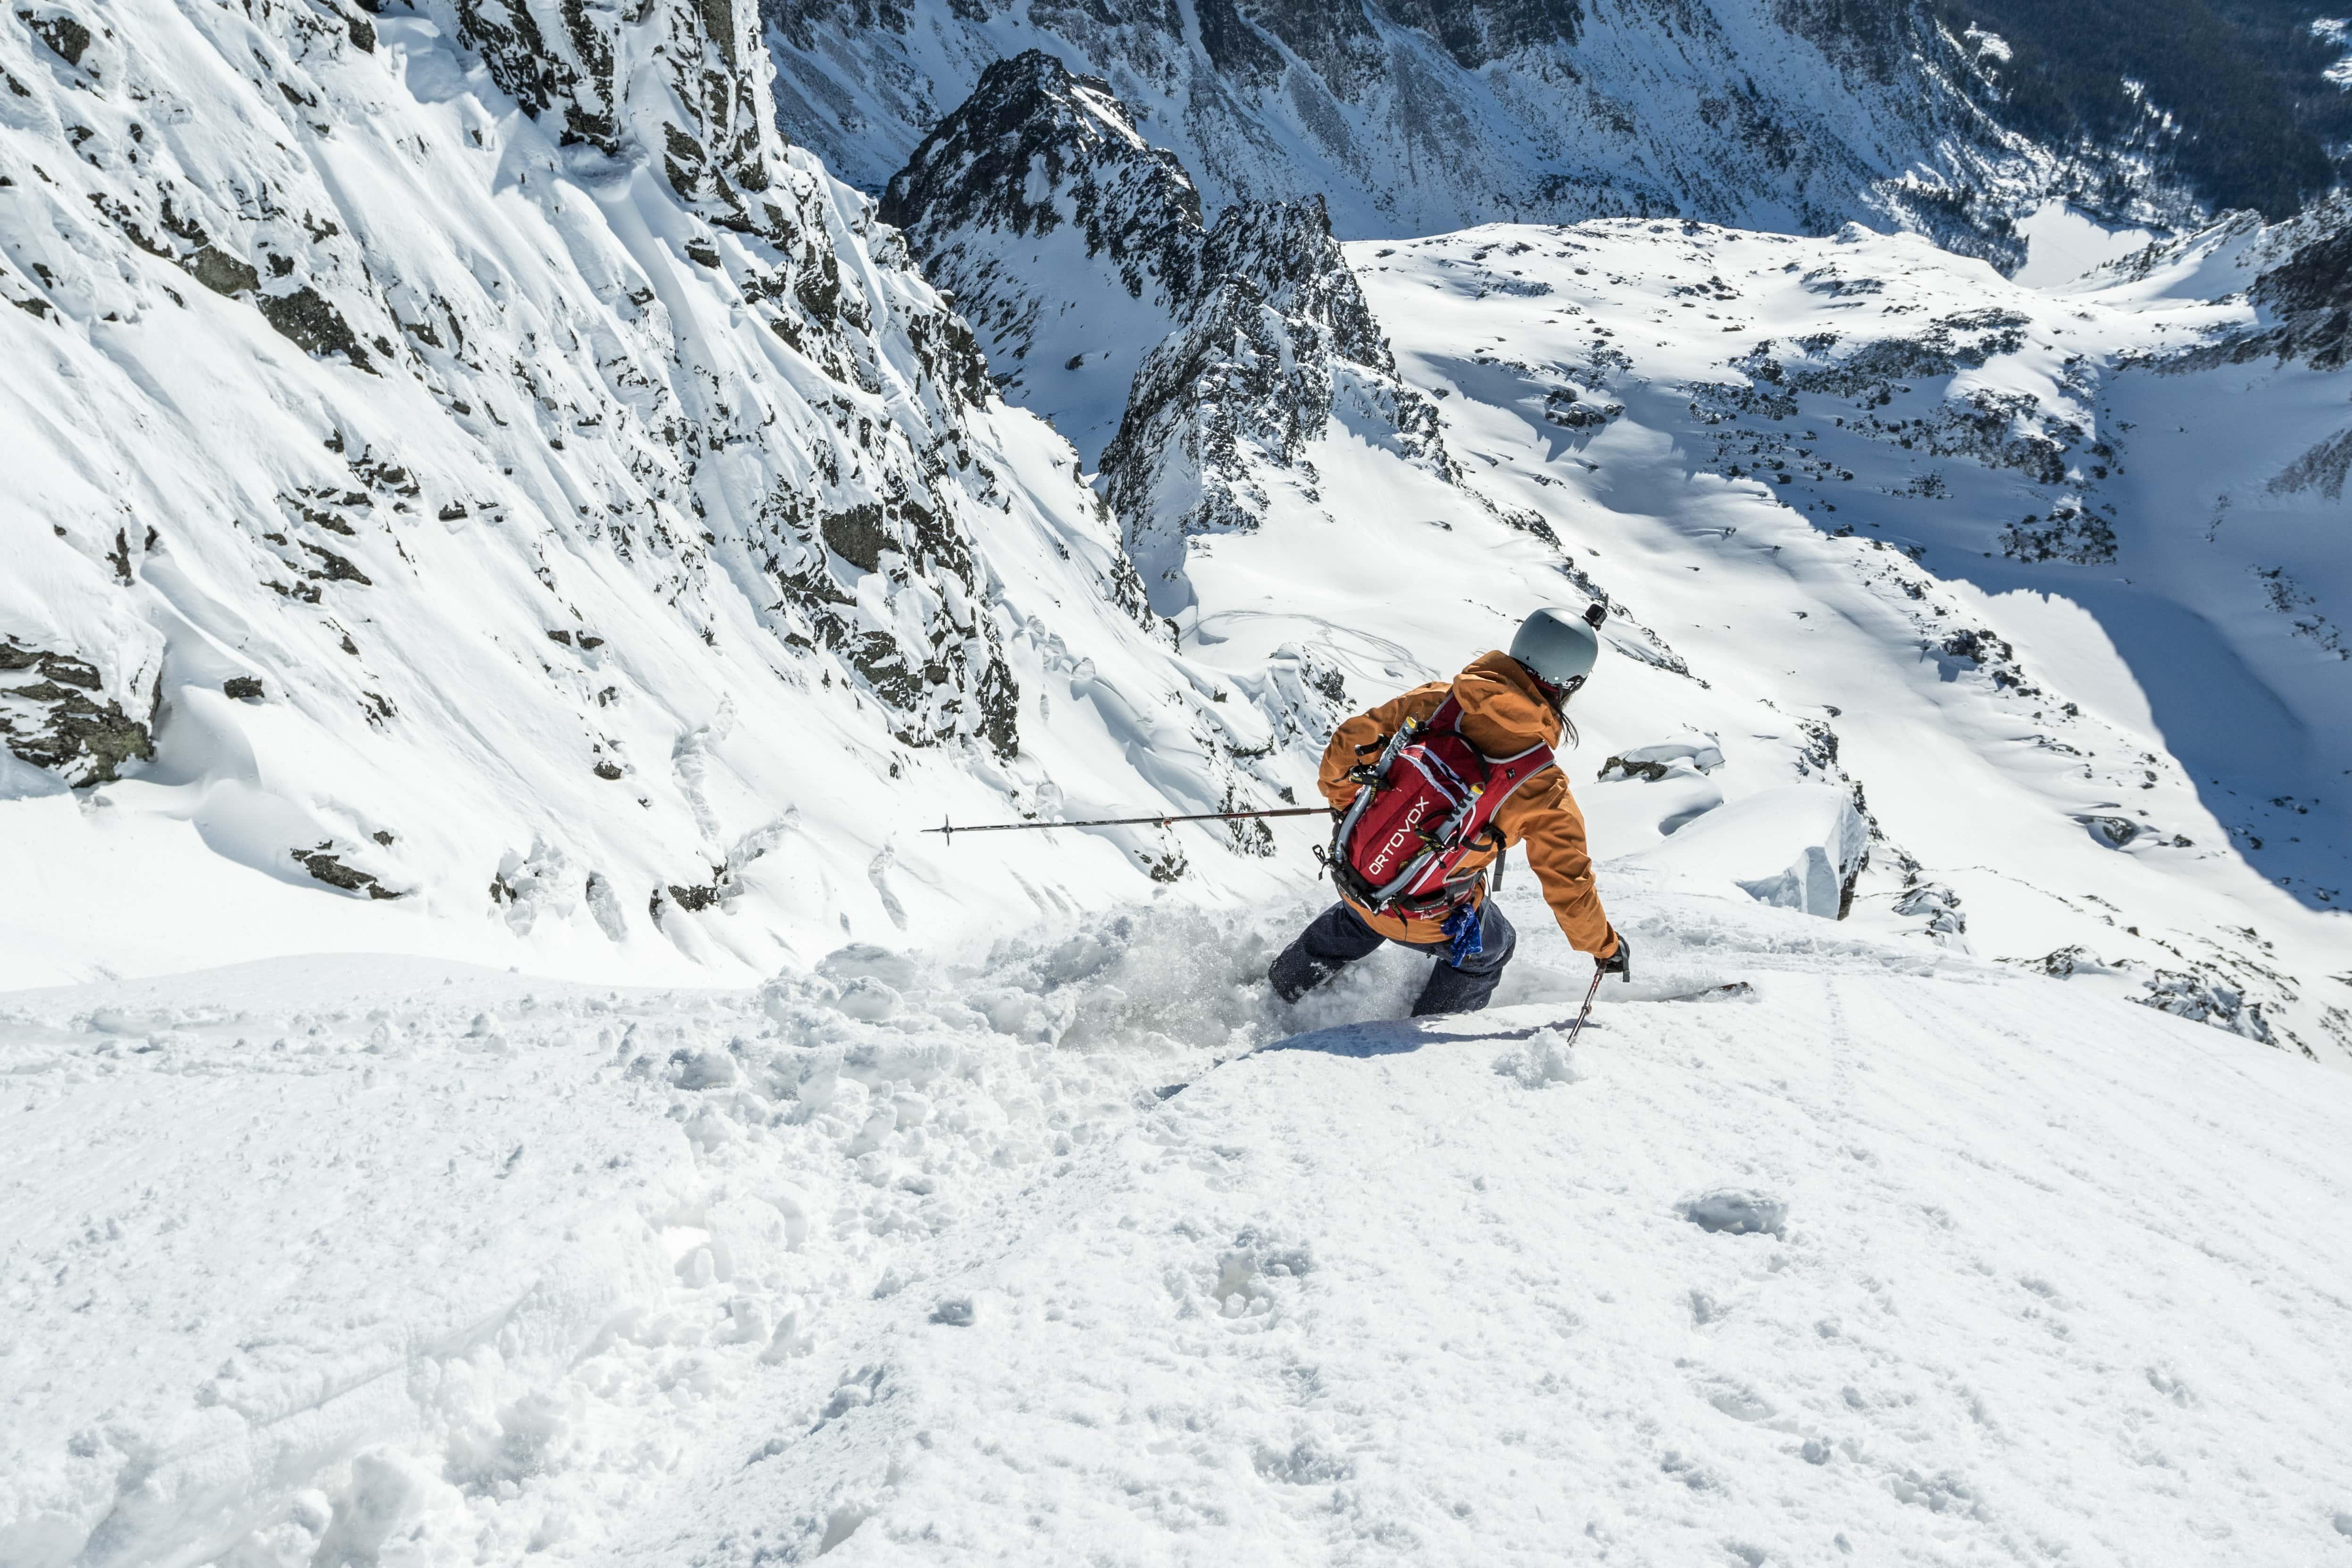 Expresky z hôr 44 - Extrem ski seriál